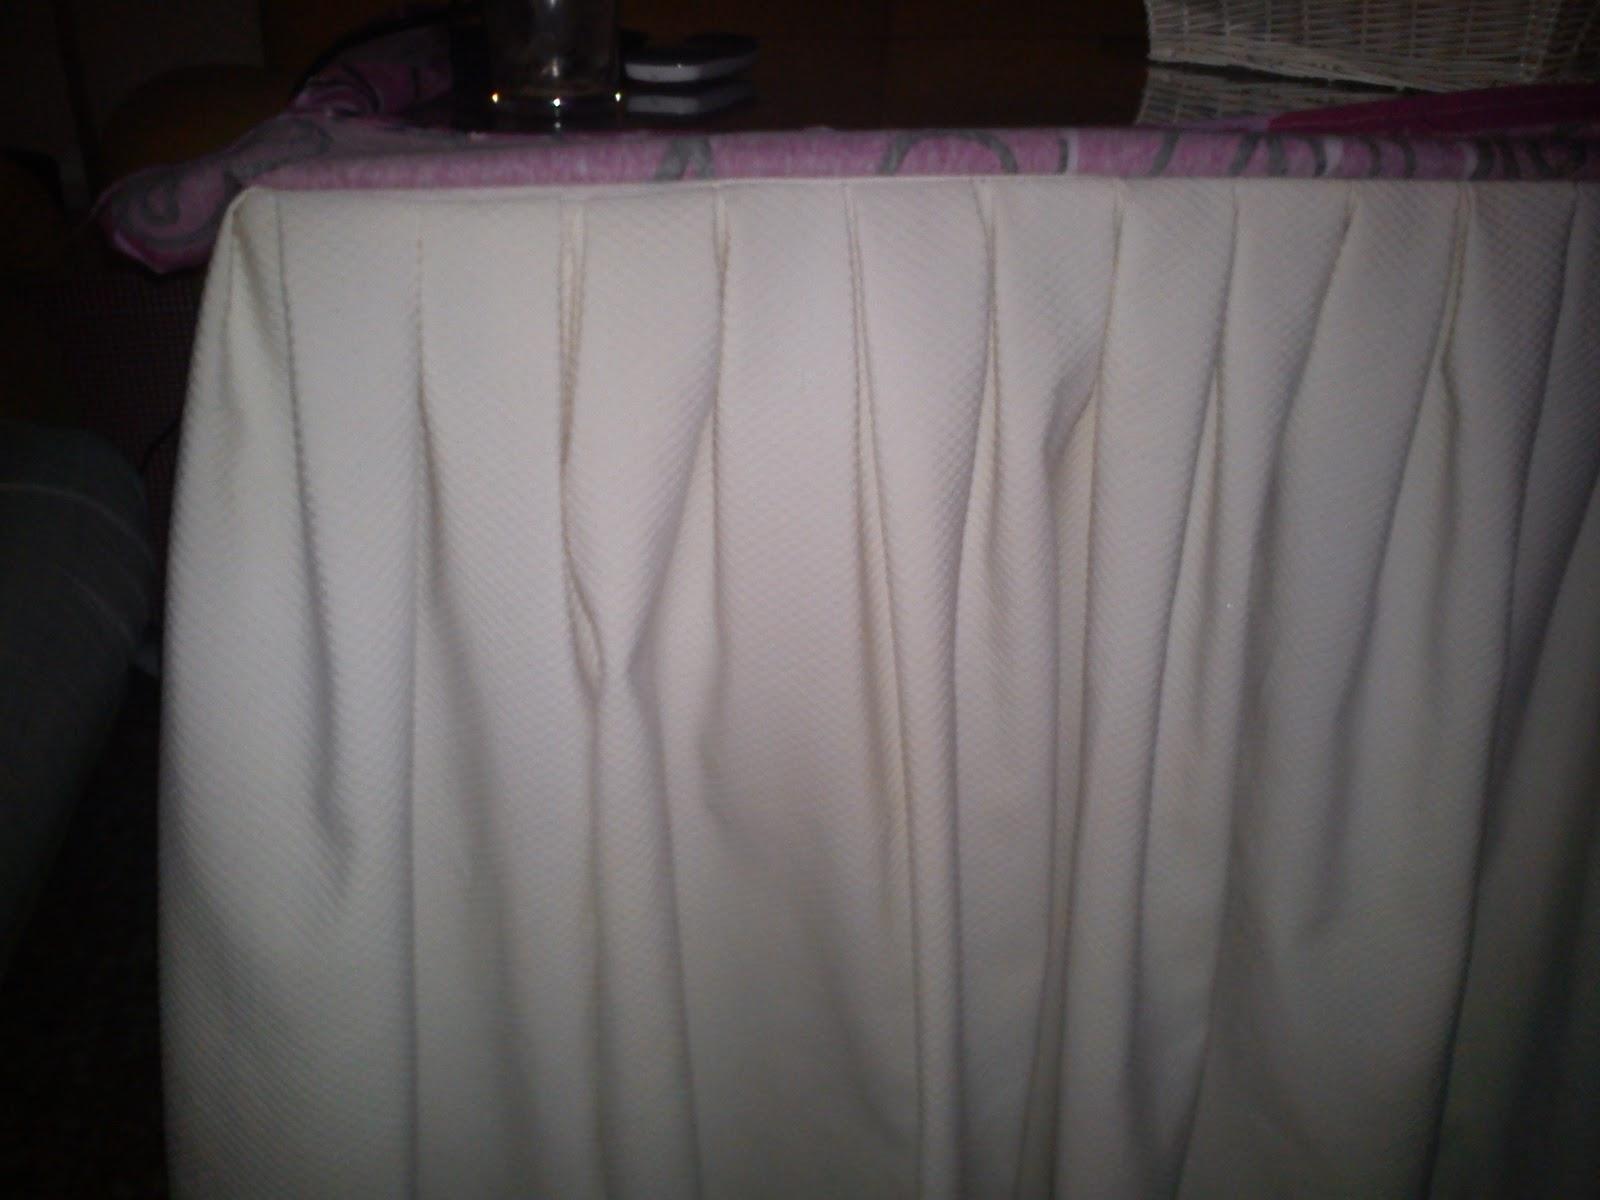 Mi rinconcito ropa para mi mesa de camilla - Ropa de mesa camilla ...